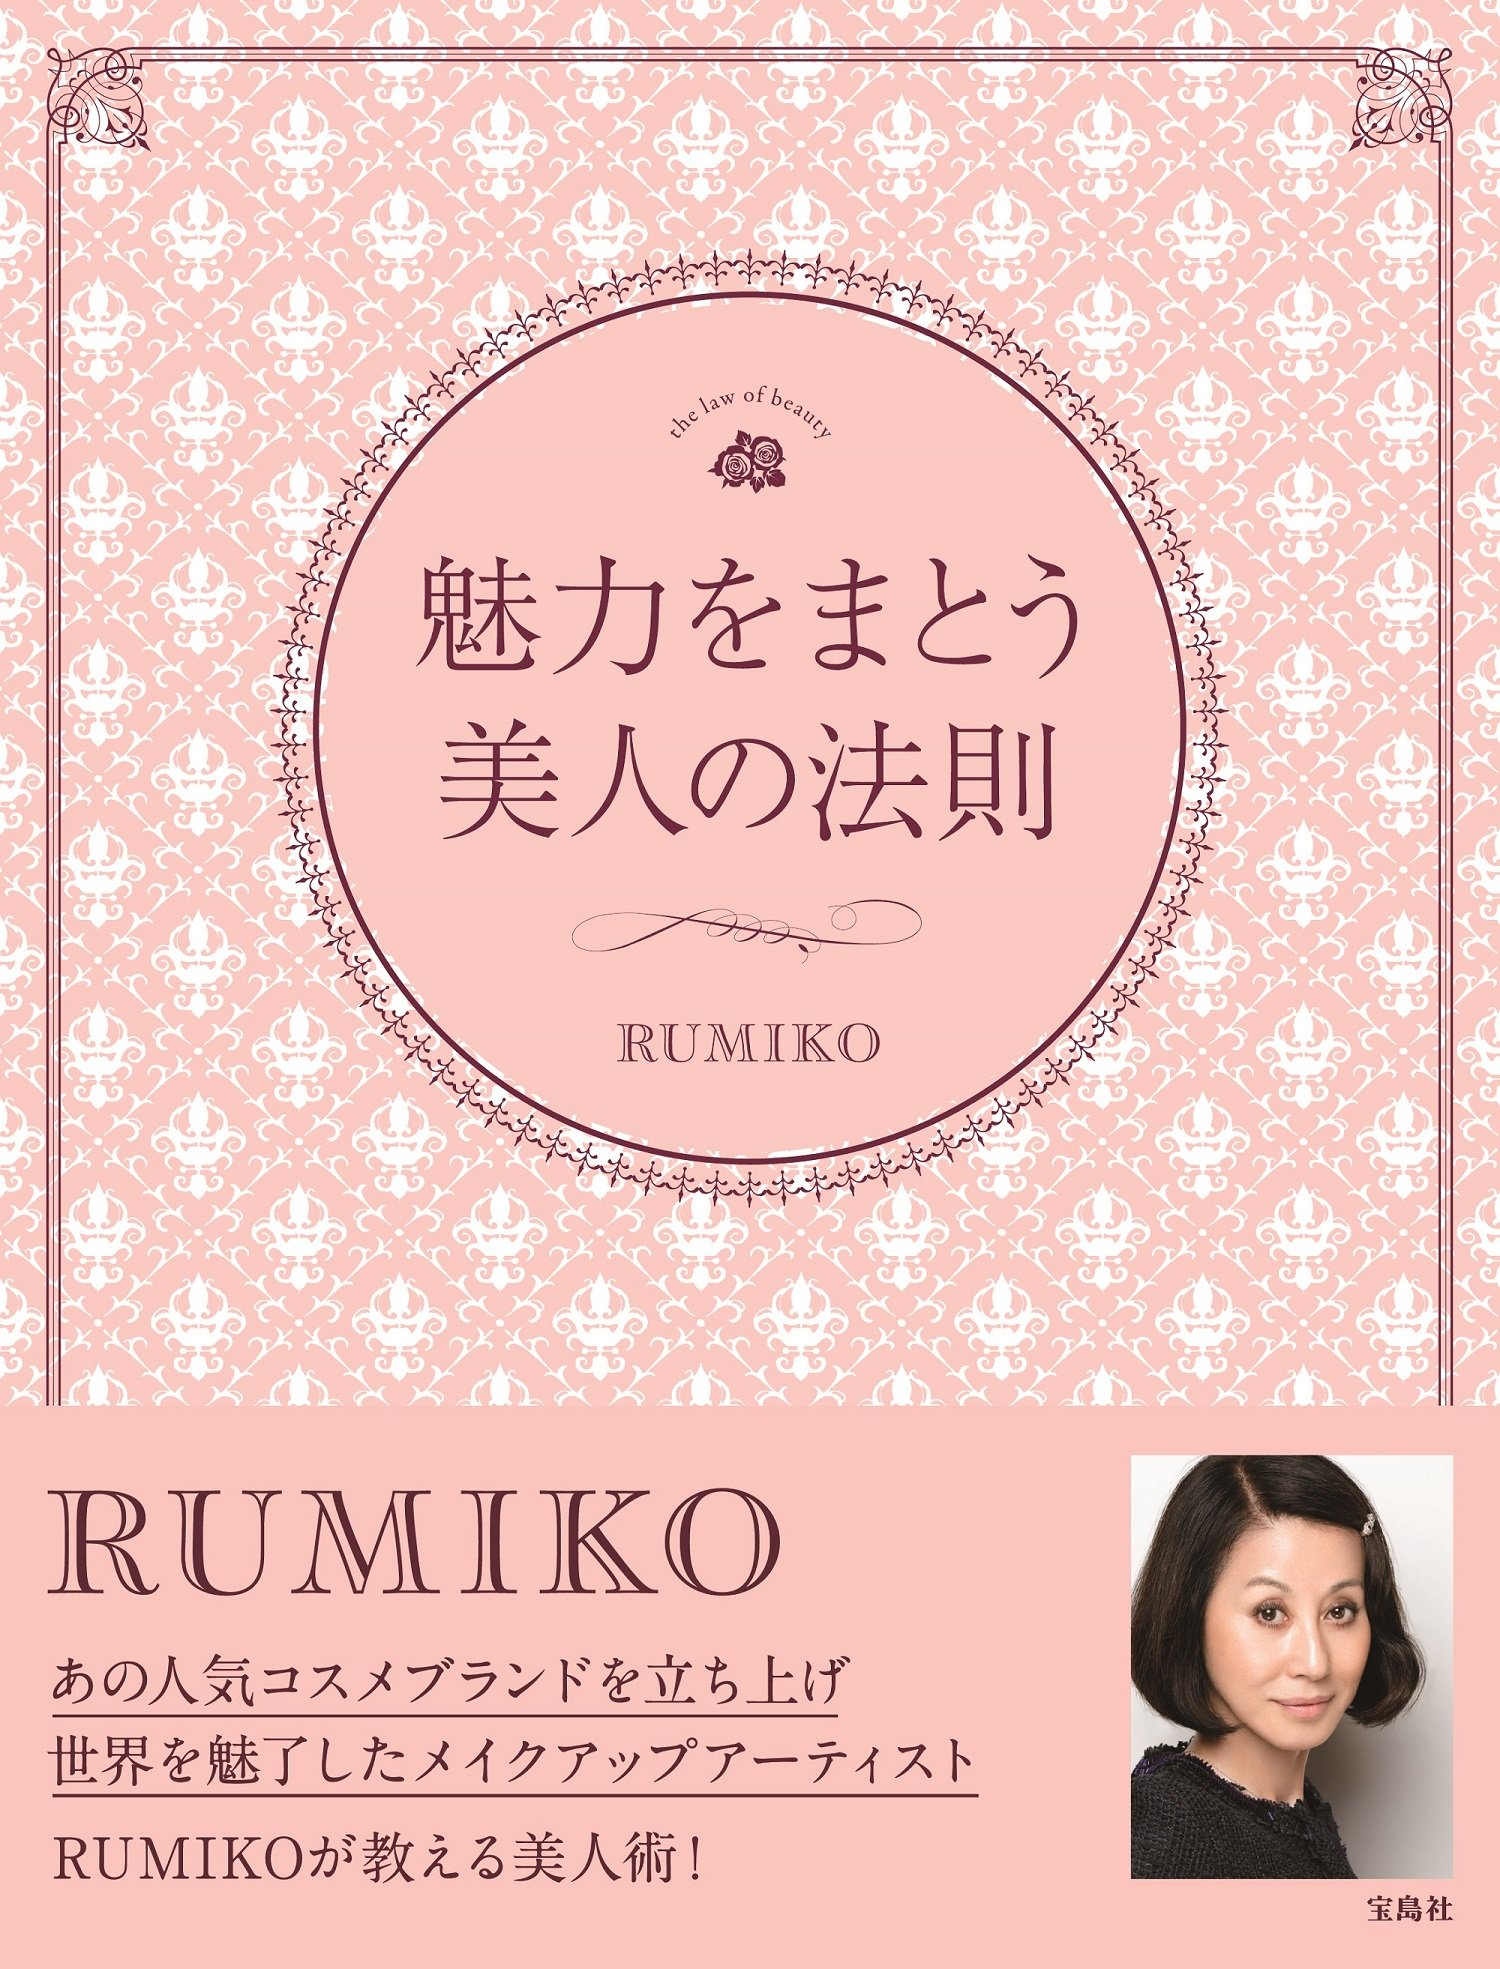 ルミコ【RUMIKO】メイクアップ